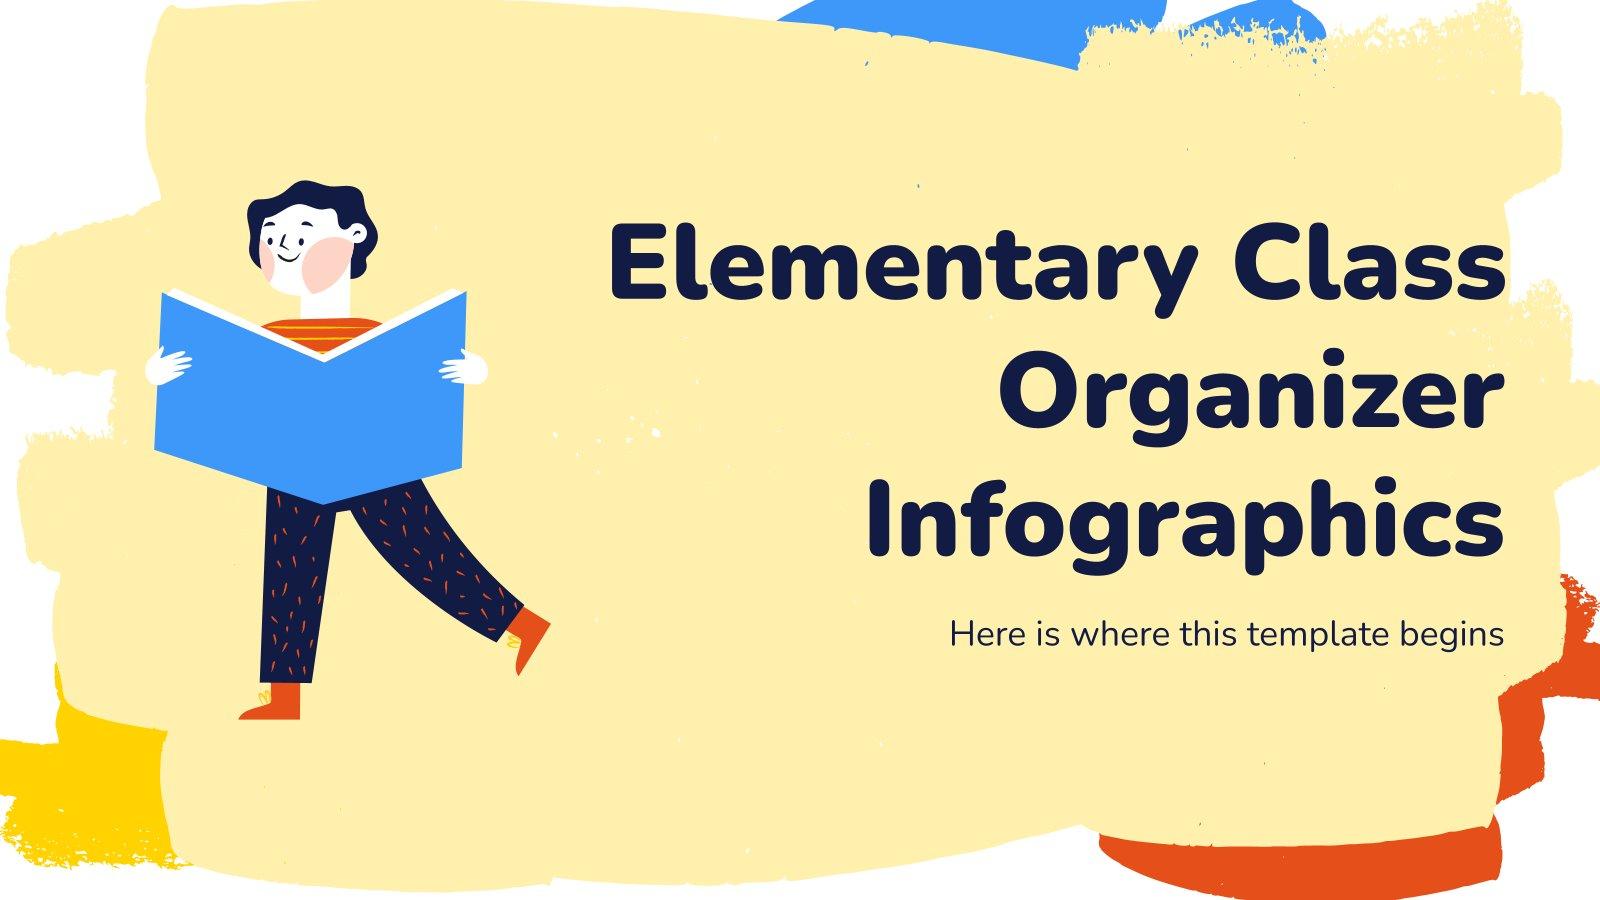 Modelo de apresentação Infográficos agenda de aula infantil